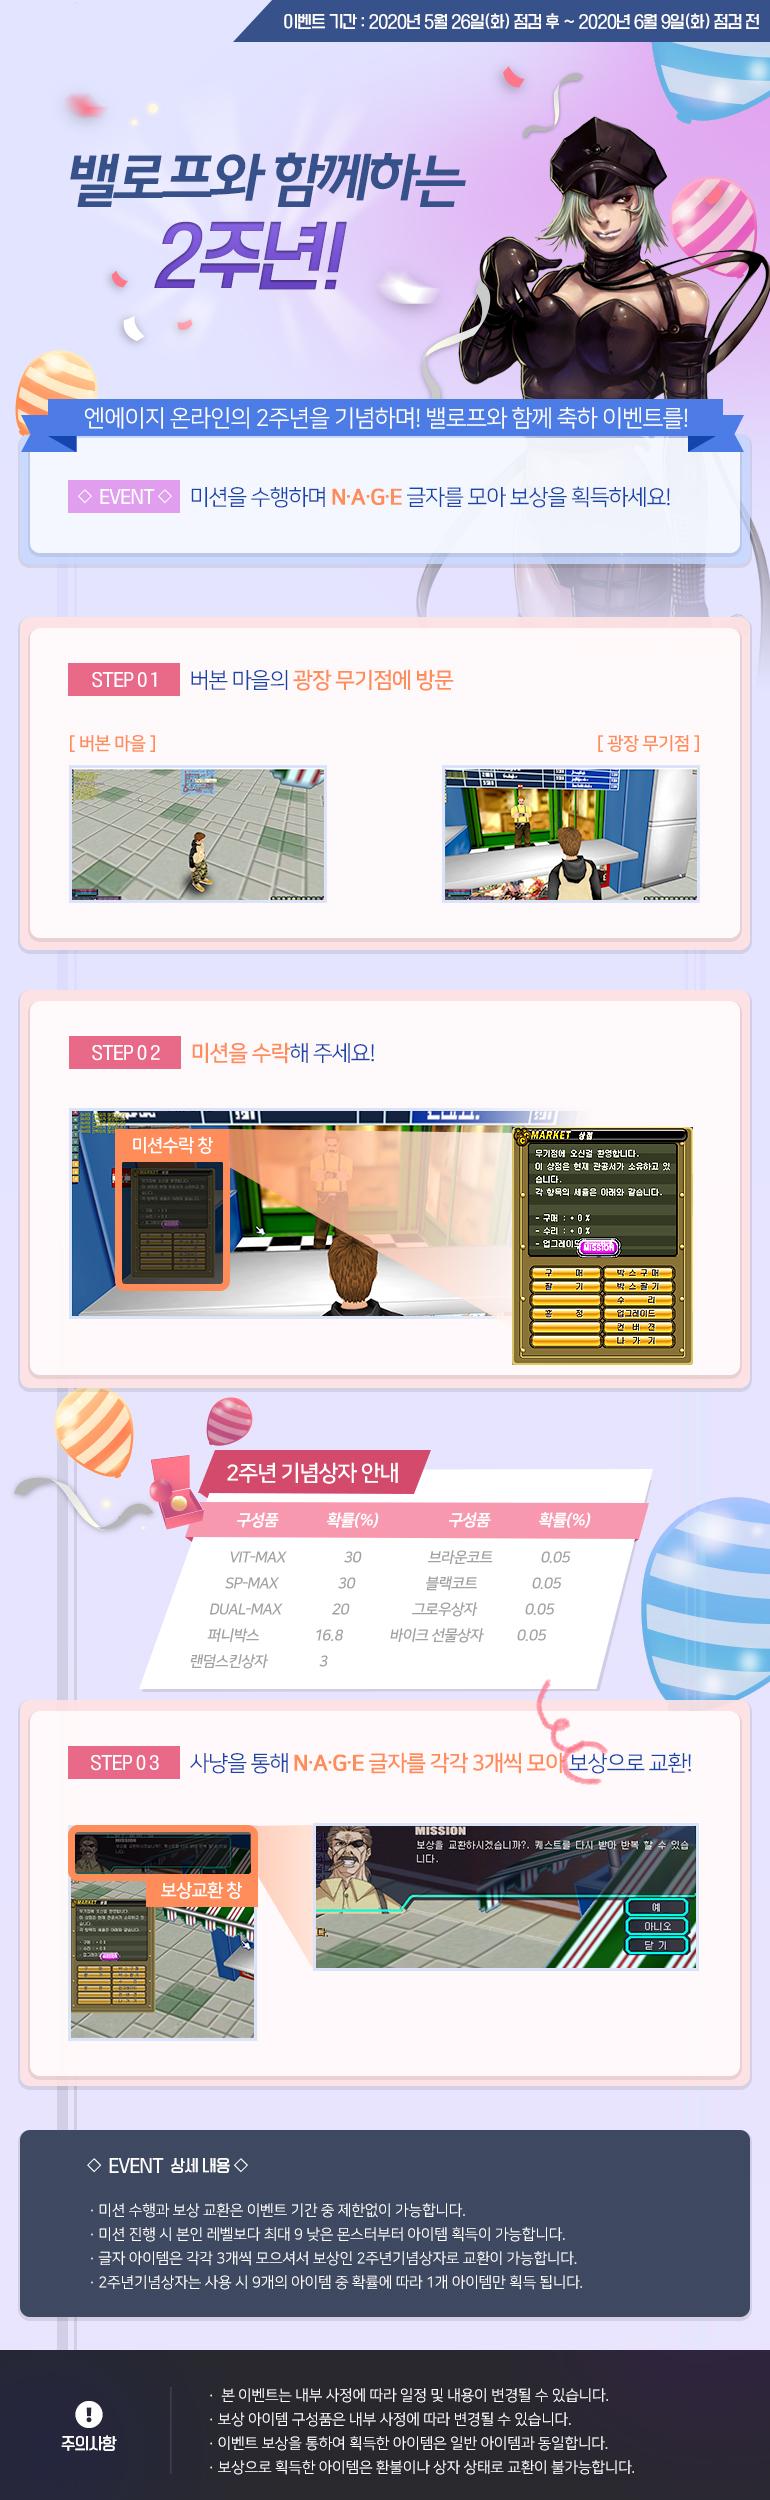 엔에이지 온라인 2주년 기념 이벤트!